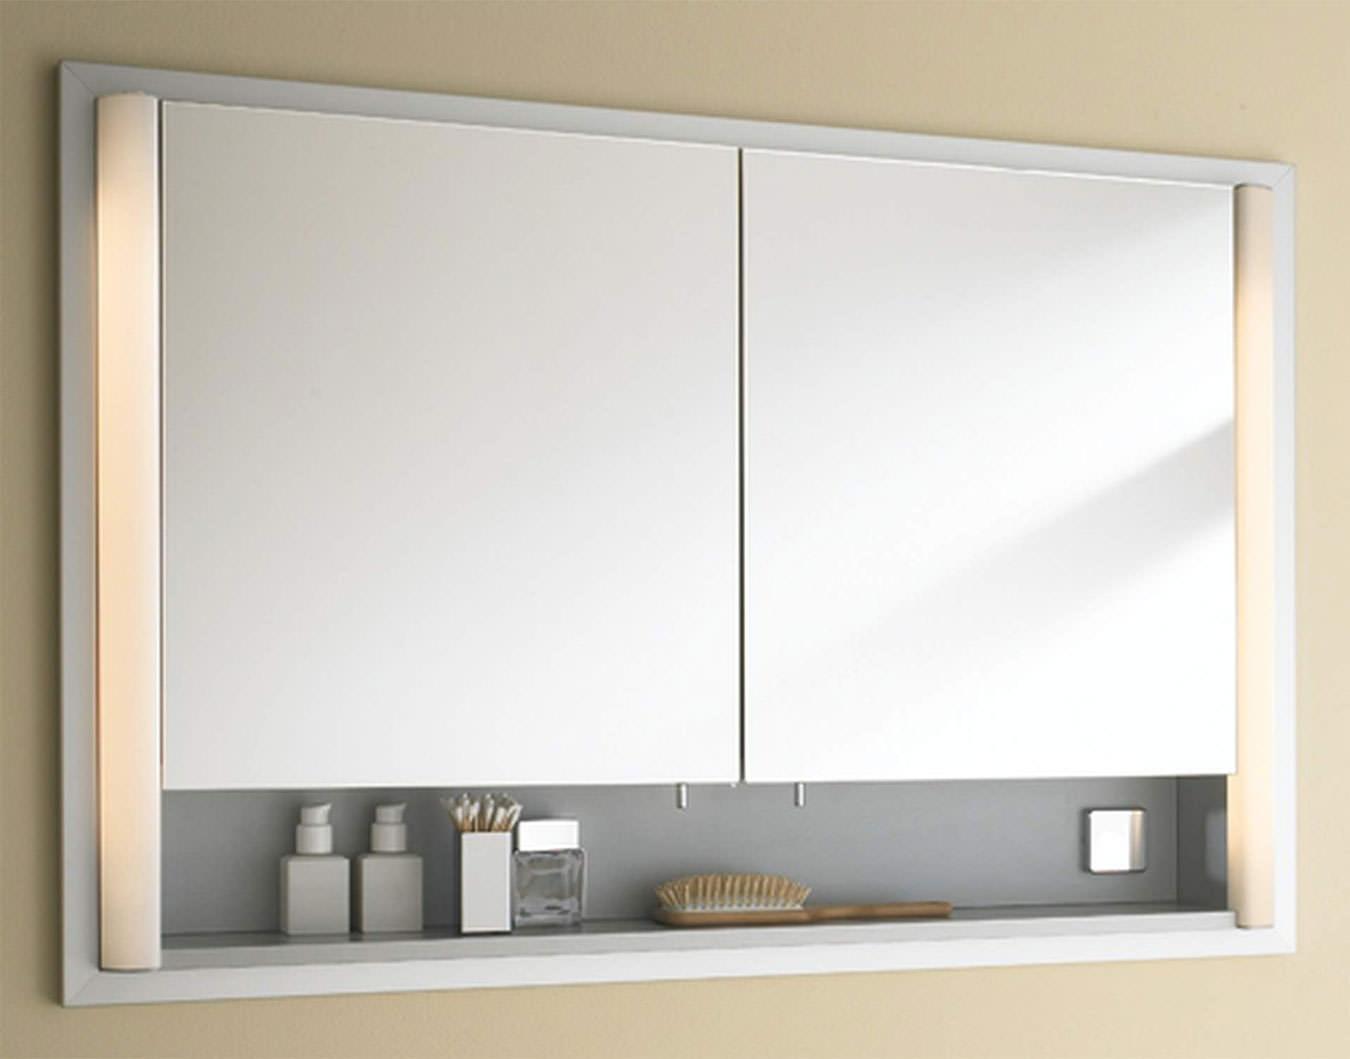 Duravit 600mm 2 door built in mirror cabinet with open shelf lm9705